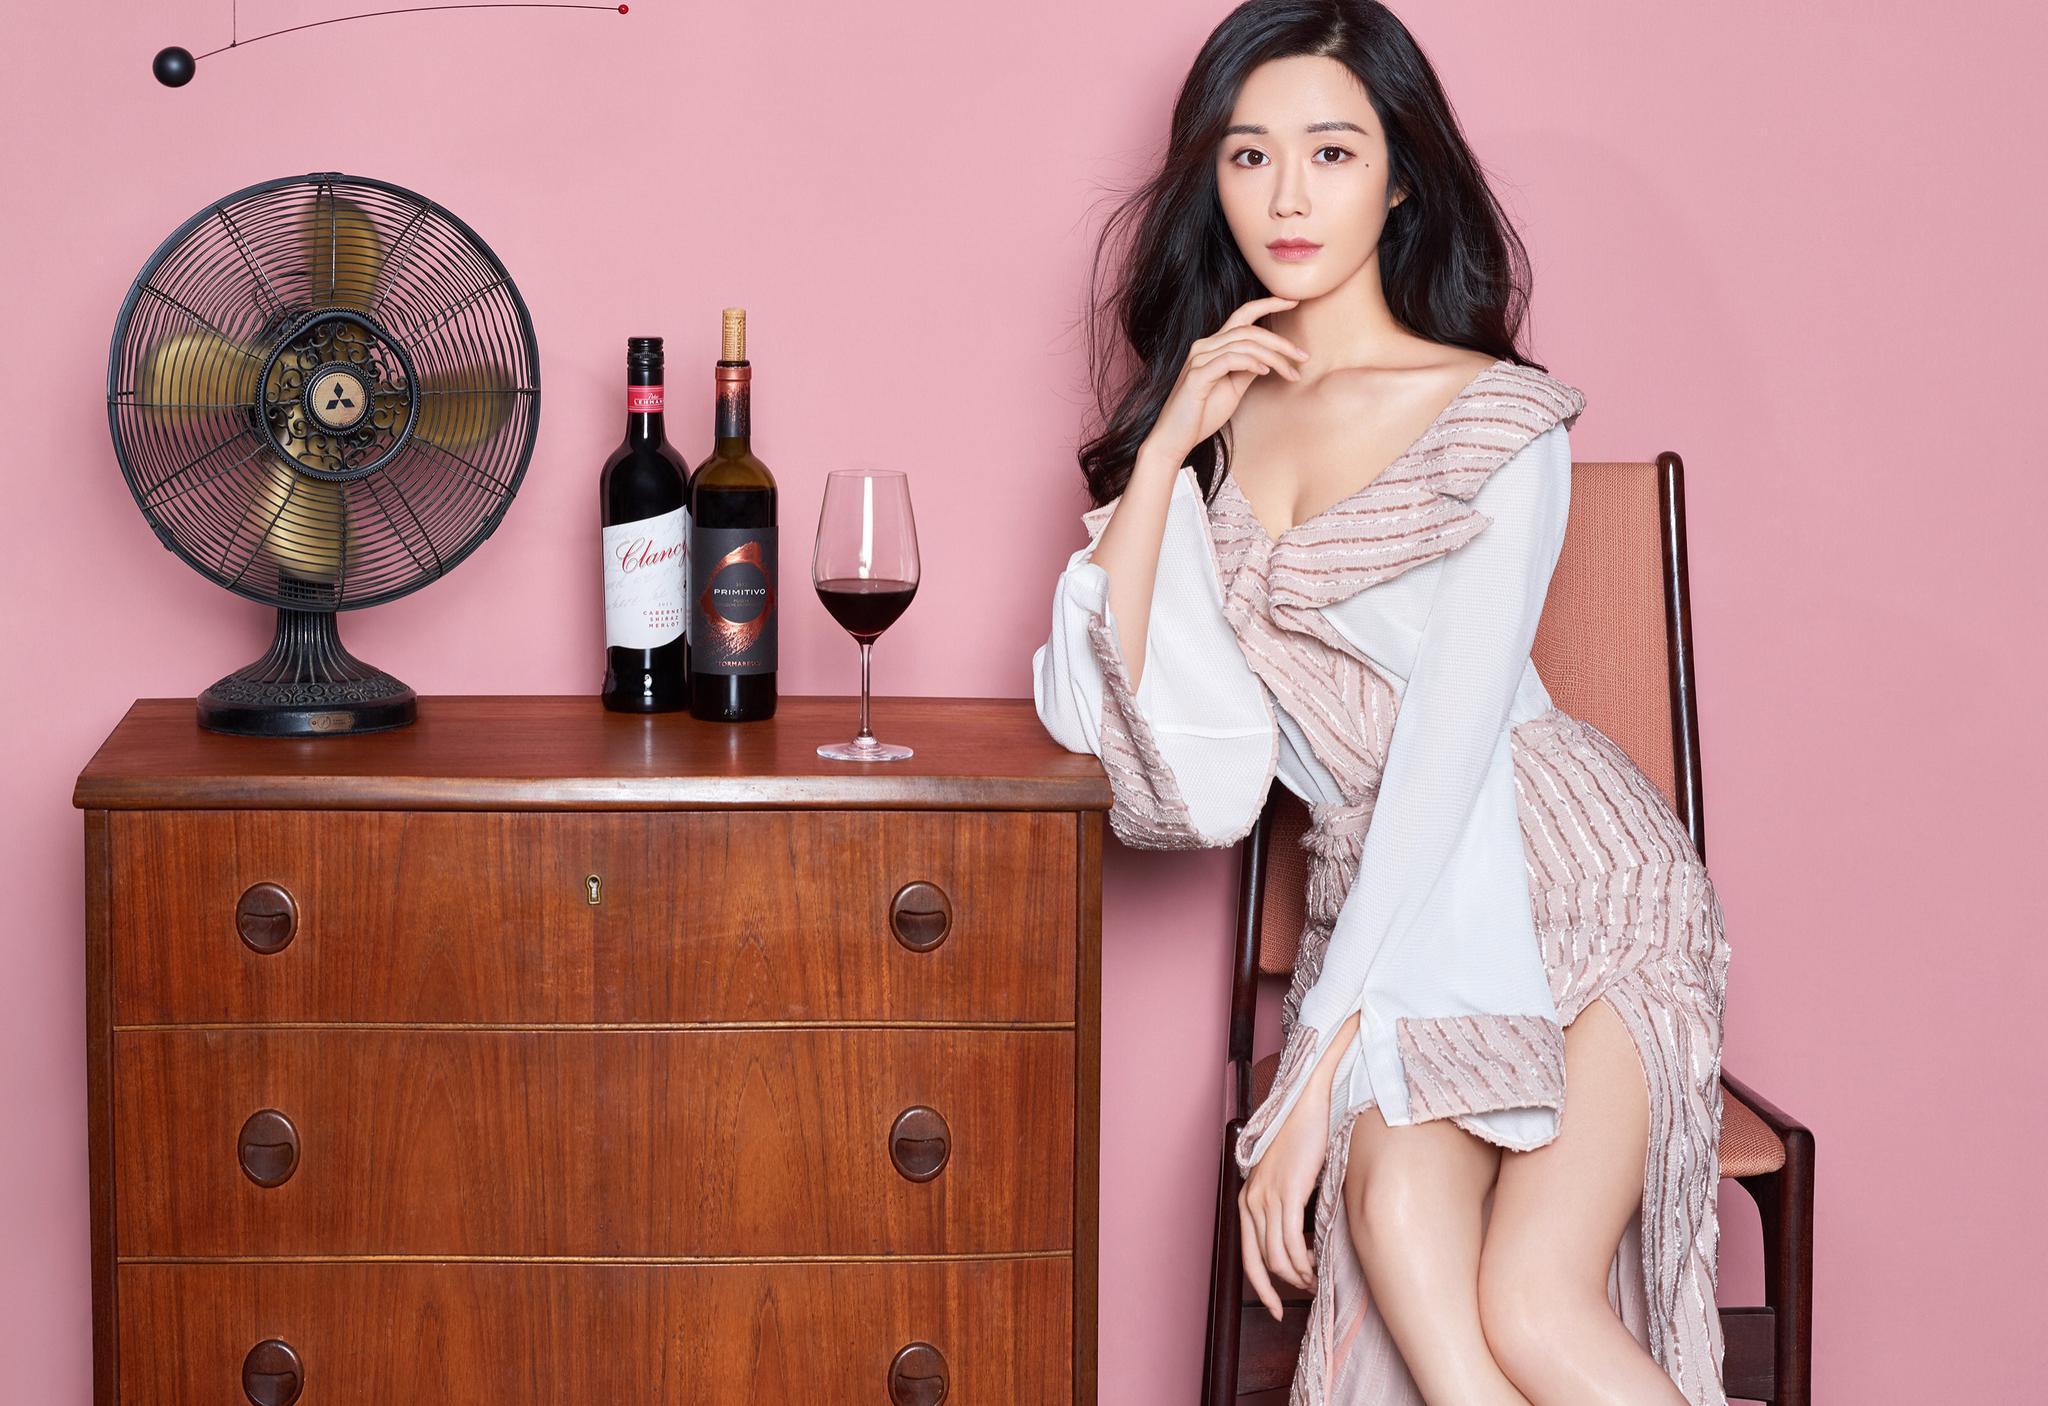 汤晶媚最新时尚大片曝光 长裙优雅宛若红酒女神